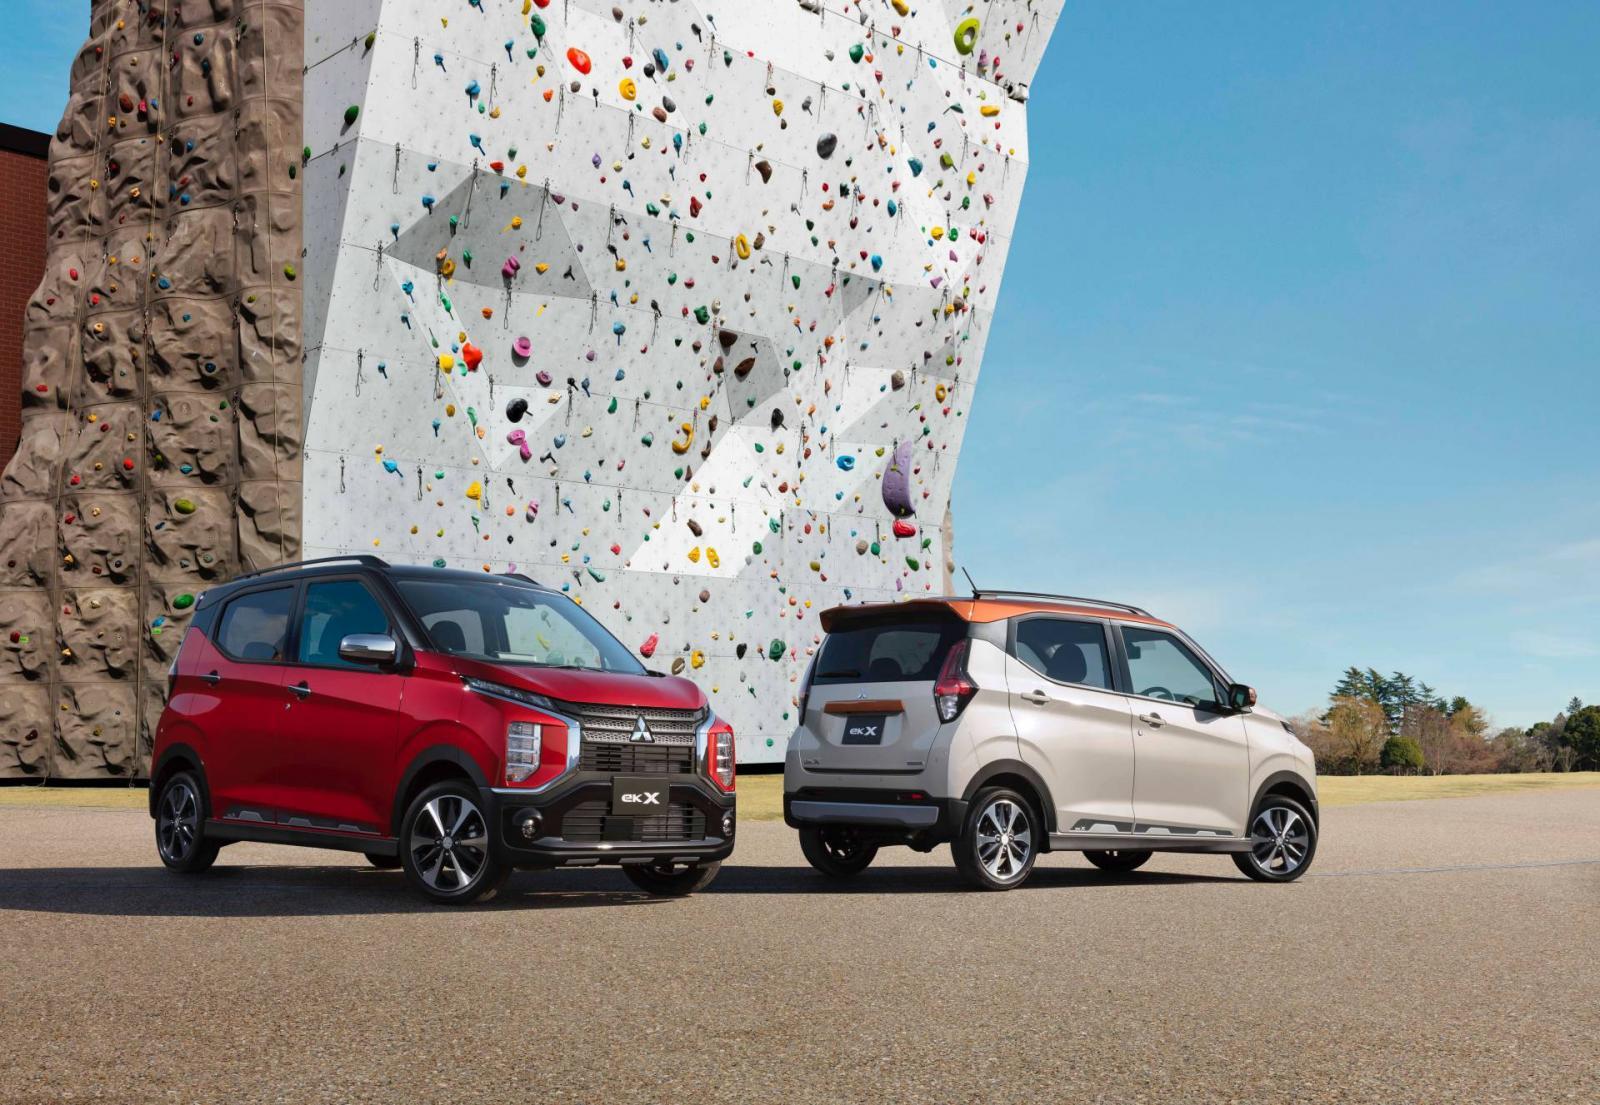 Tiểu Xpander Mitsubishi eK X 2019 trình làng với giá rẻ như bèo - Hình 1